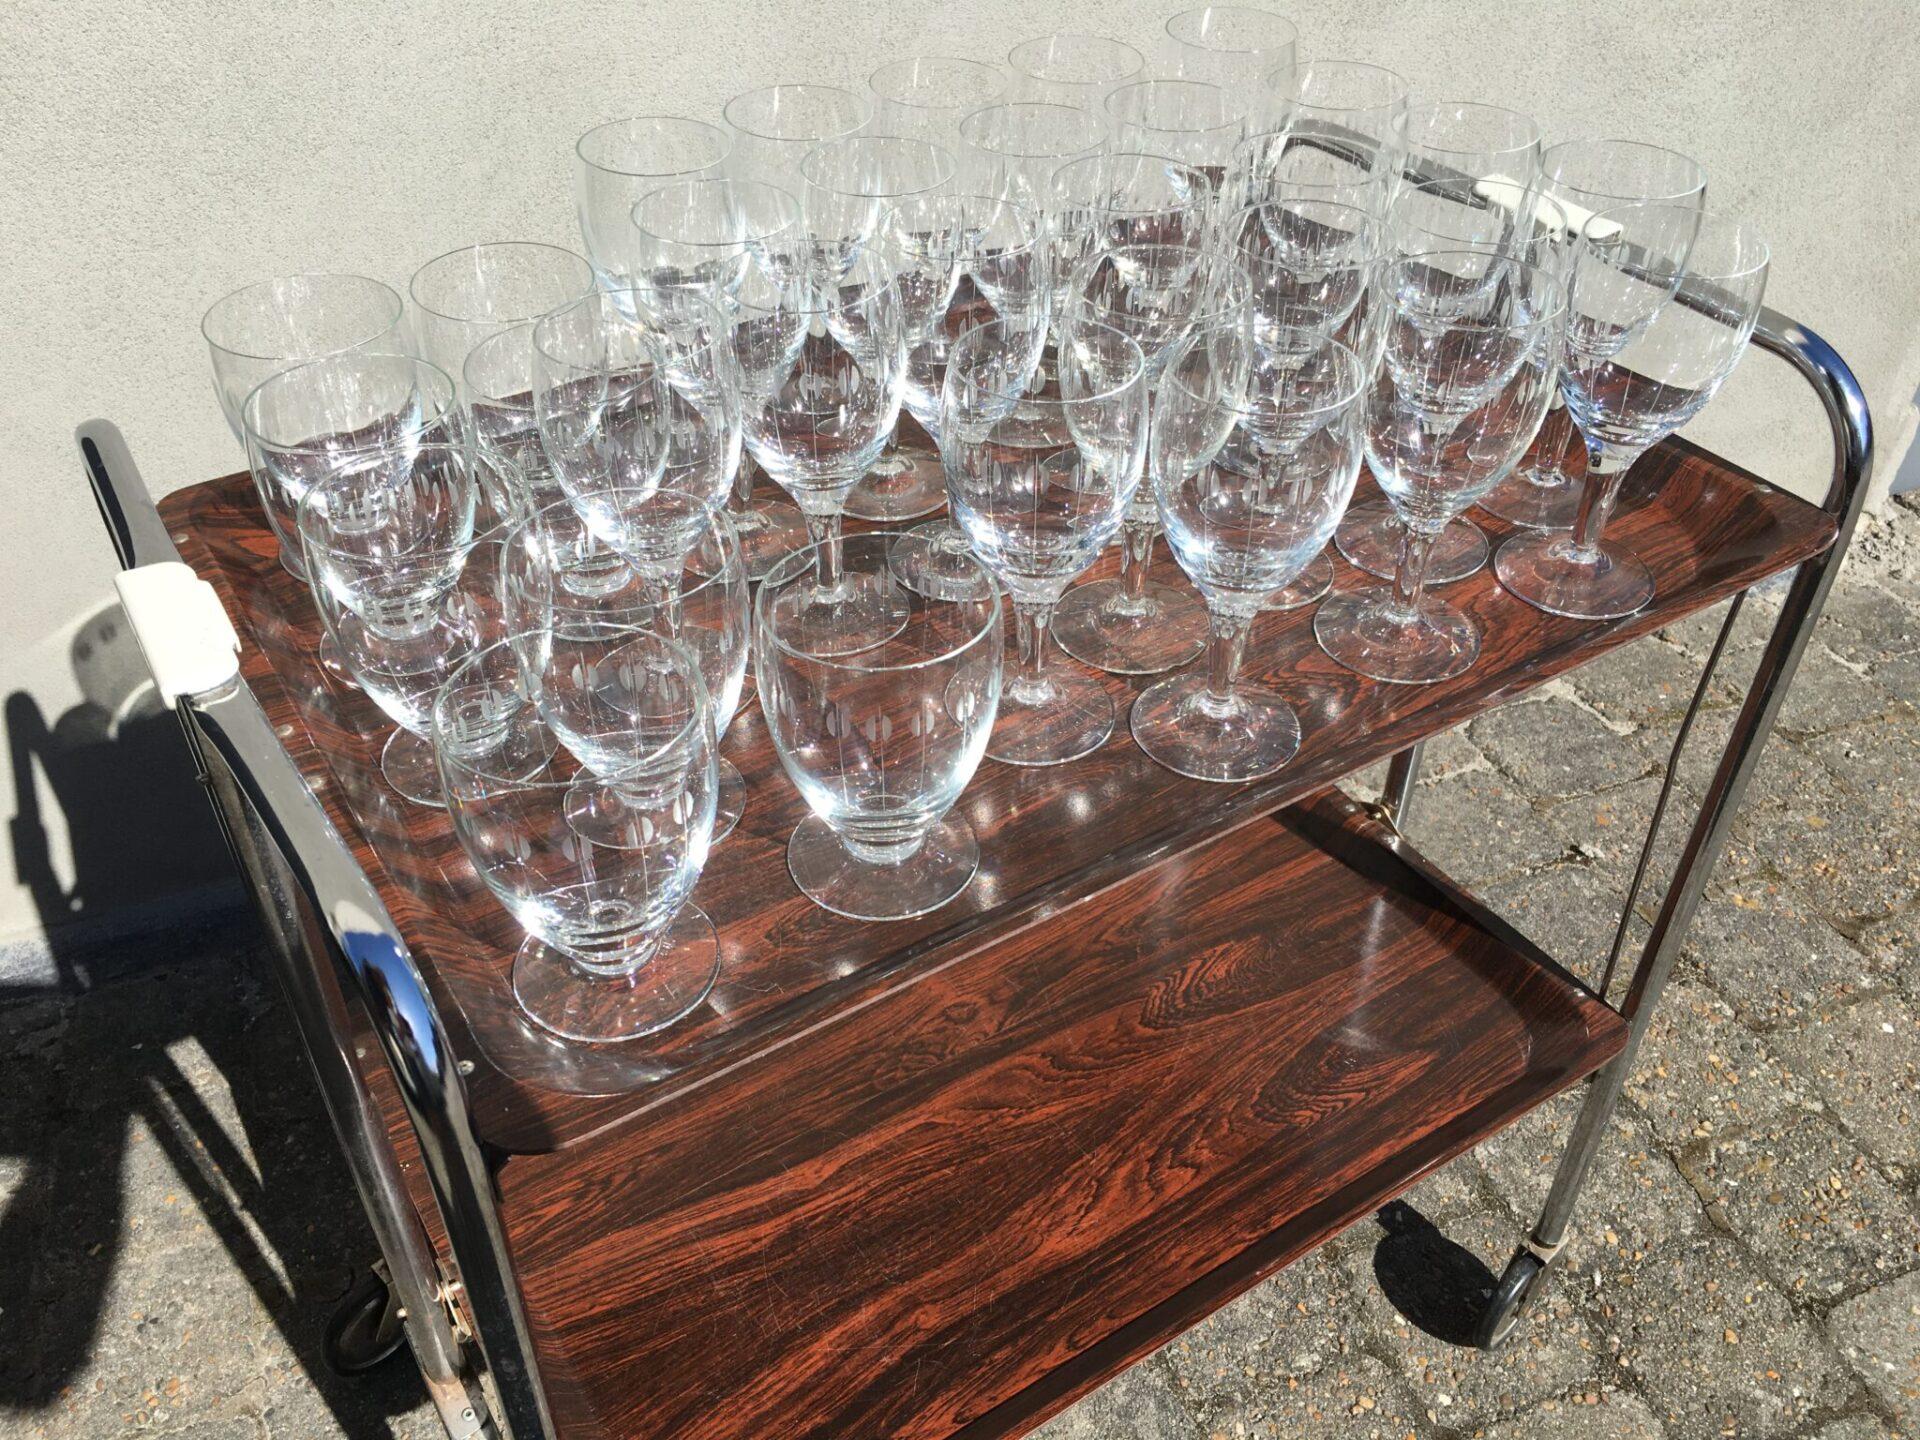 Kirsten Piil, Holmegaard, rødvinsglas pr. stk 50 kr, øl pr. stk 30 kr. Meget fin stand.